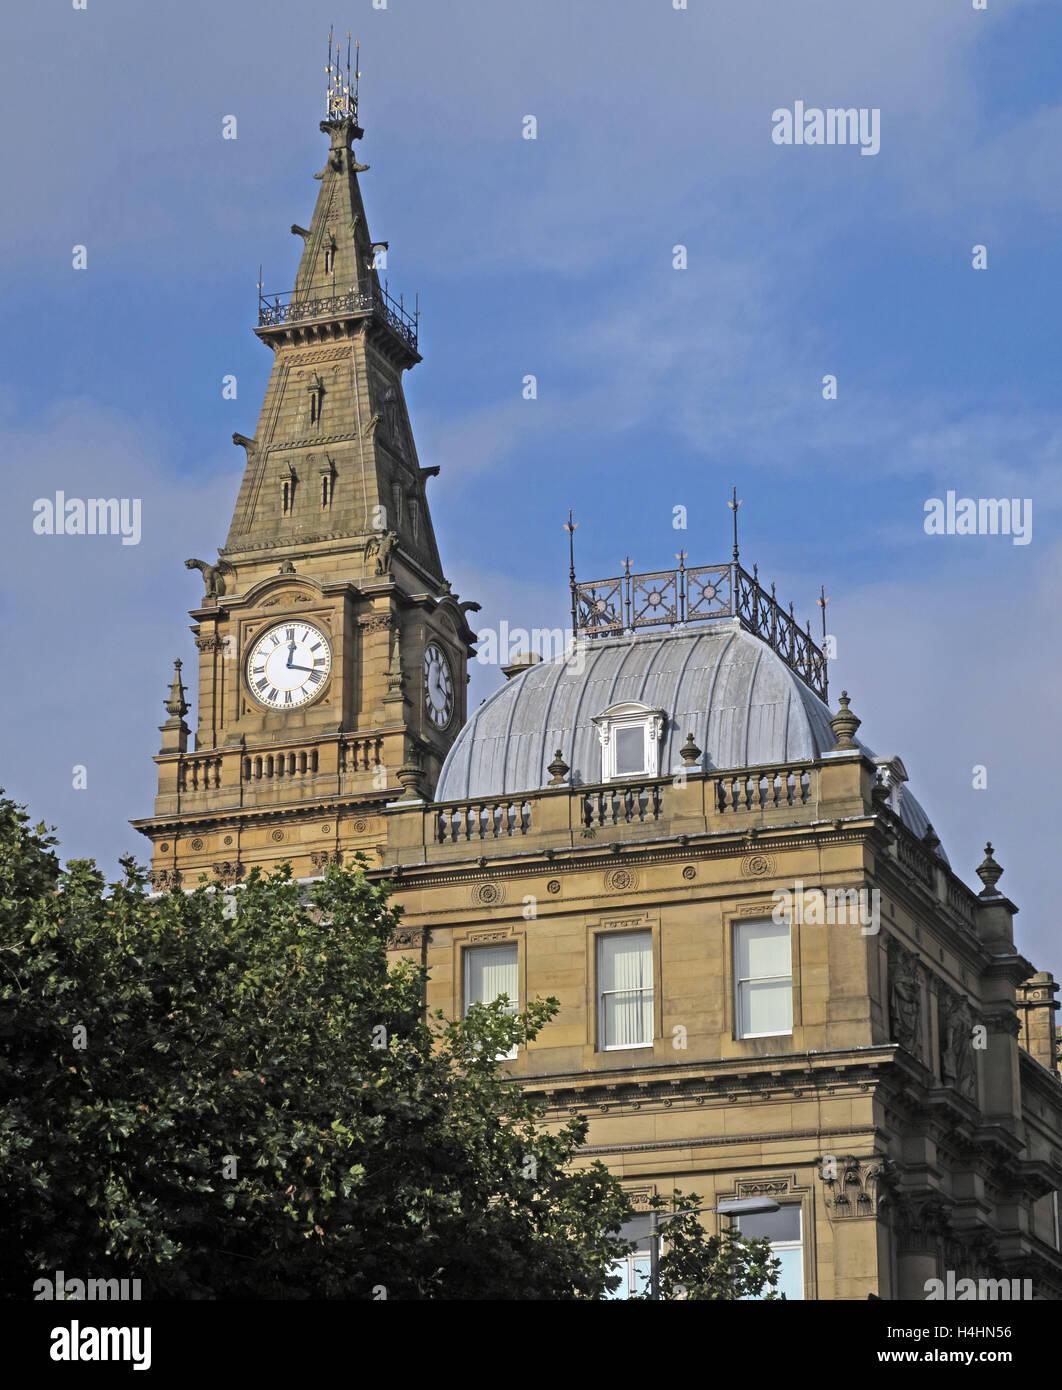 Laden Sie dieses Alamy Stockfoto Municipal Council Gebäude, Liverpool City Centre, Merseyside, England, Vereinigtes Königreich - H4HN56